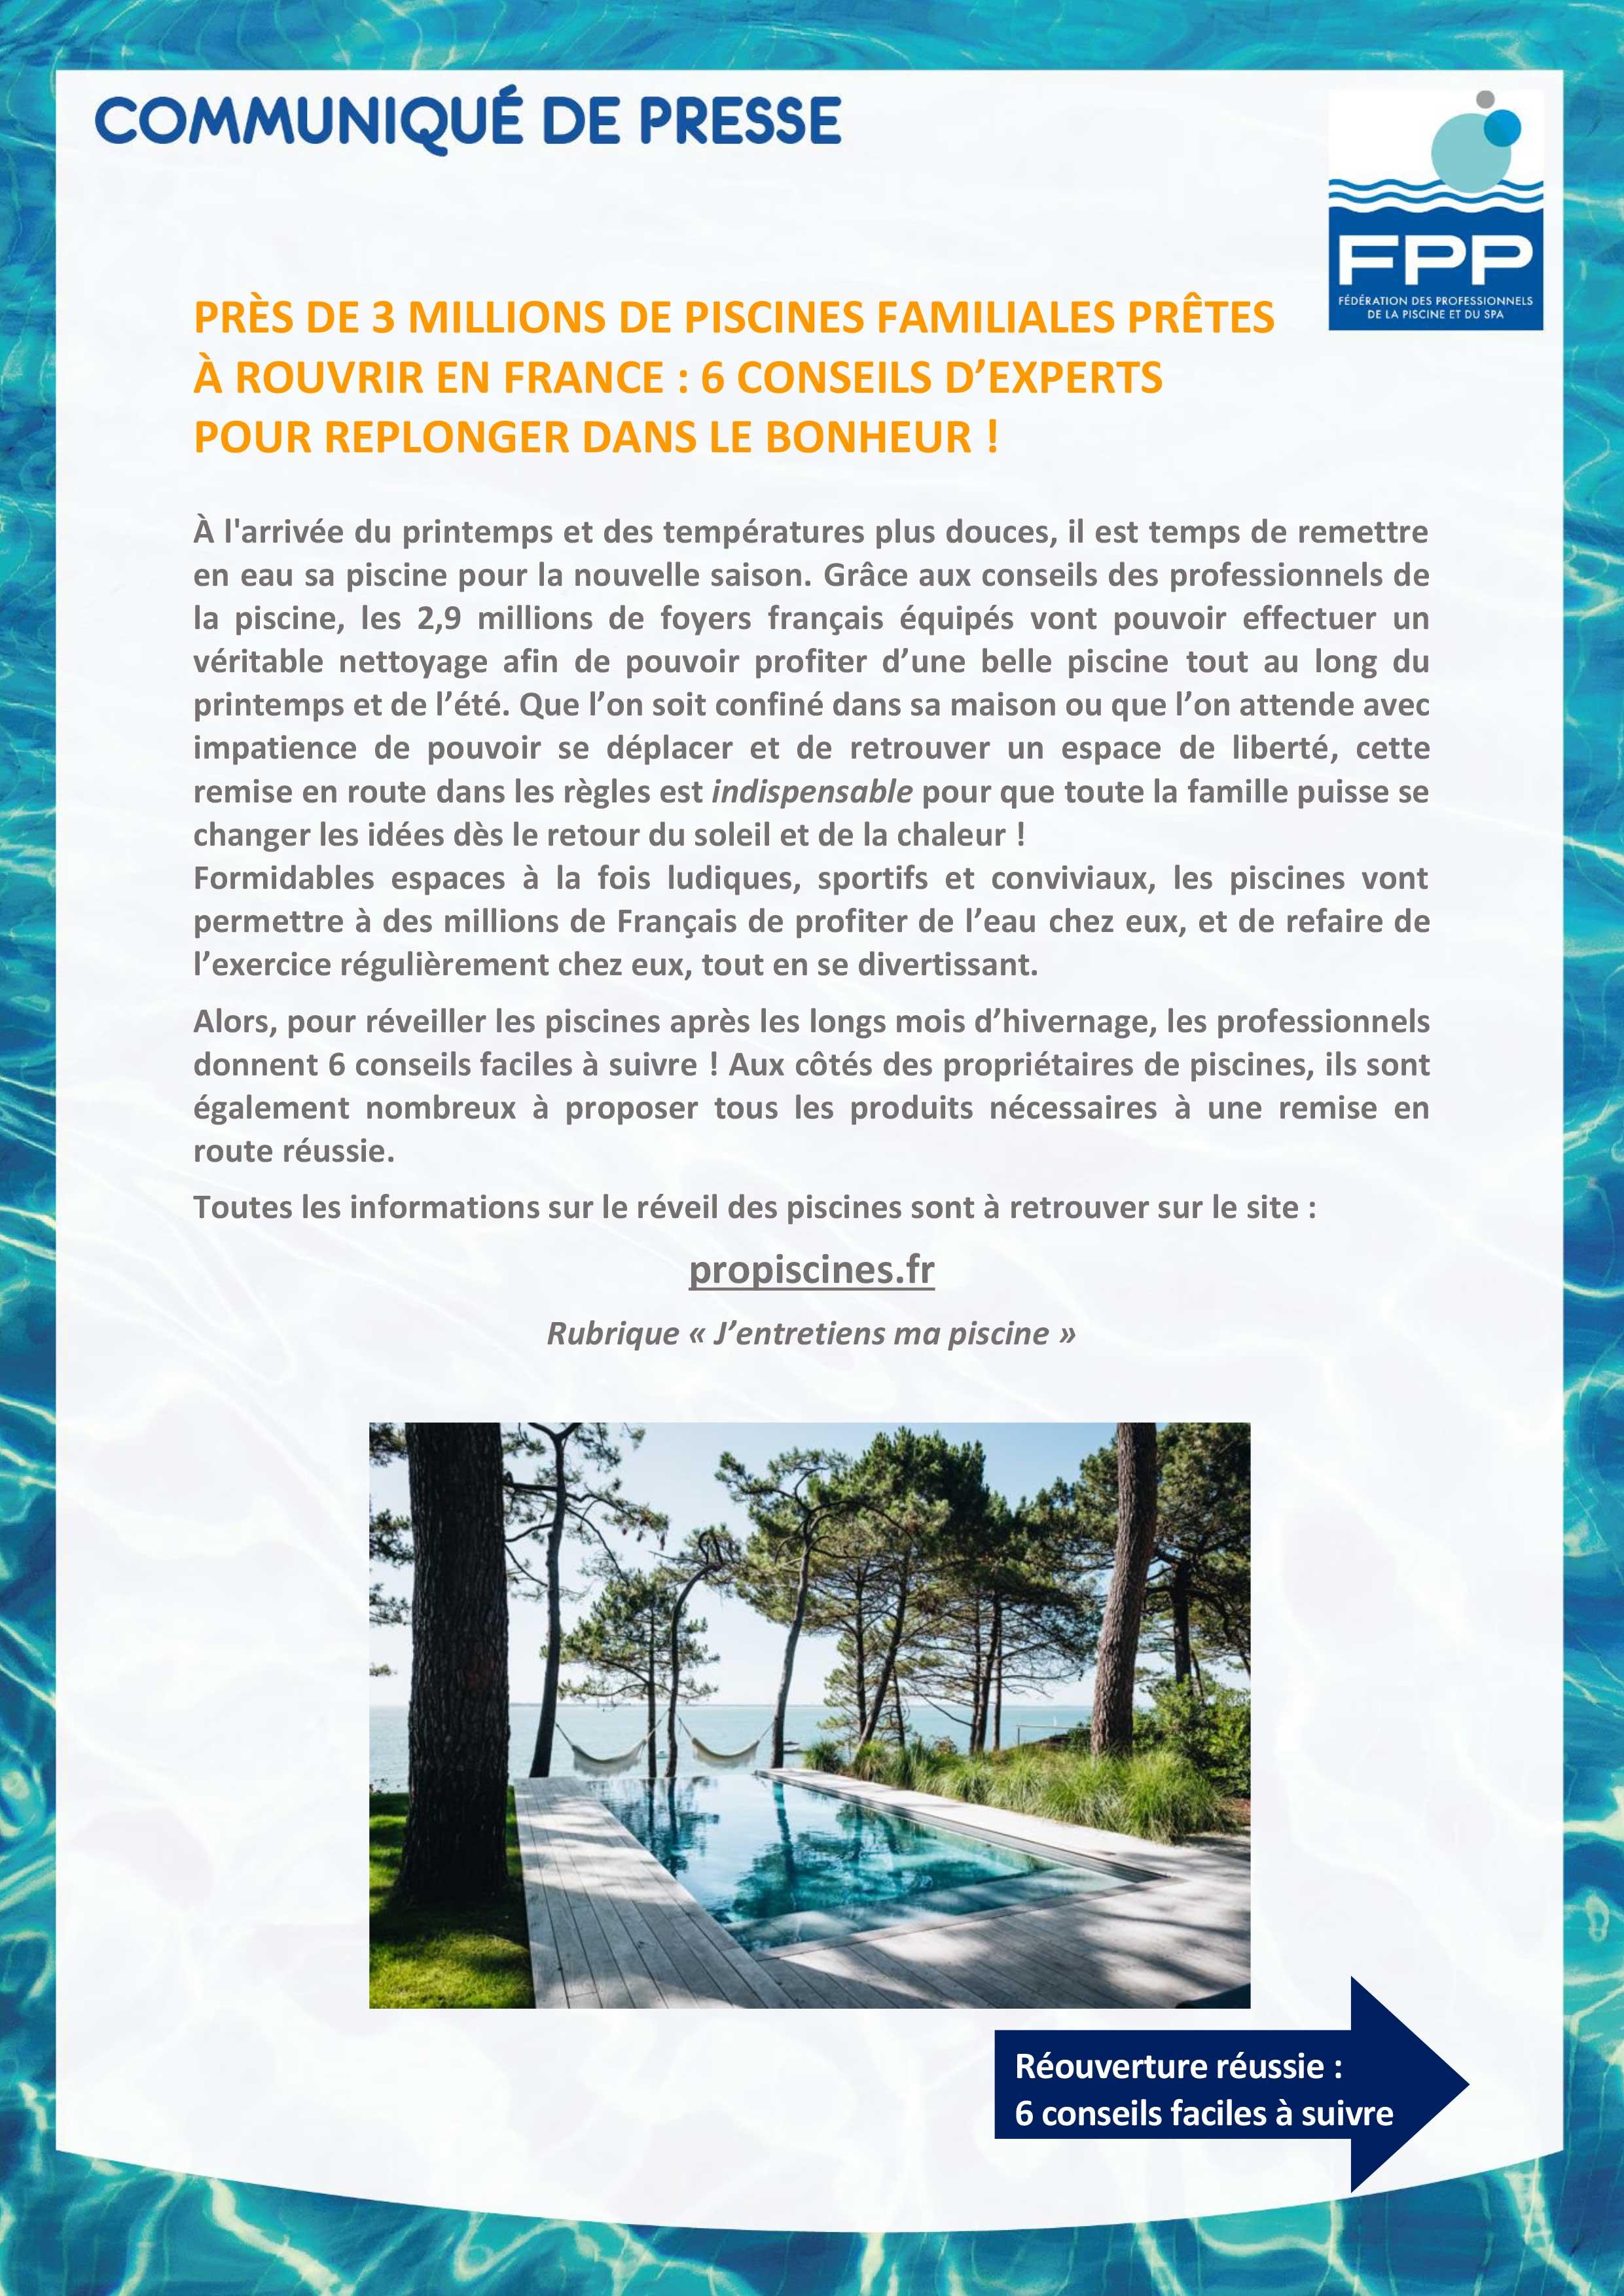 première page du communiqué de presse de la FPP sur le réveil de la piscine 2021